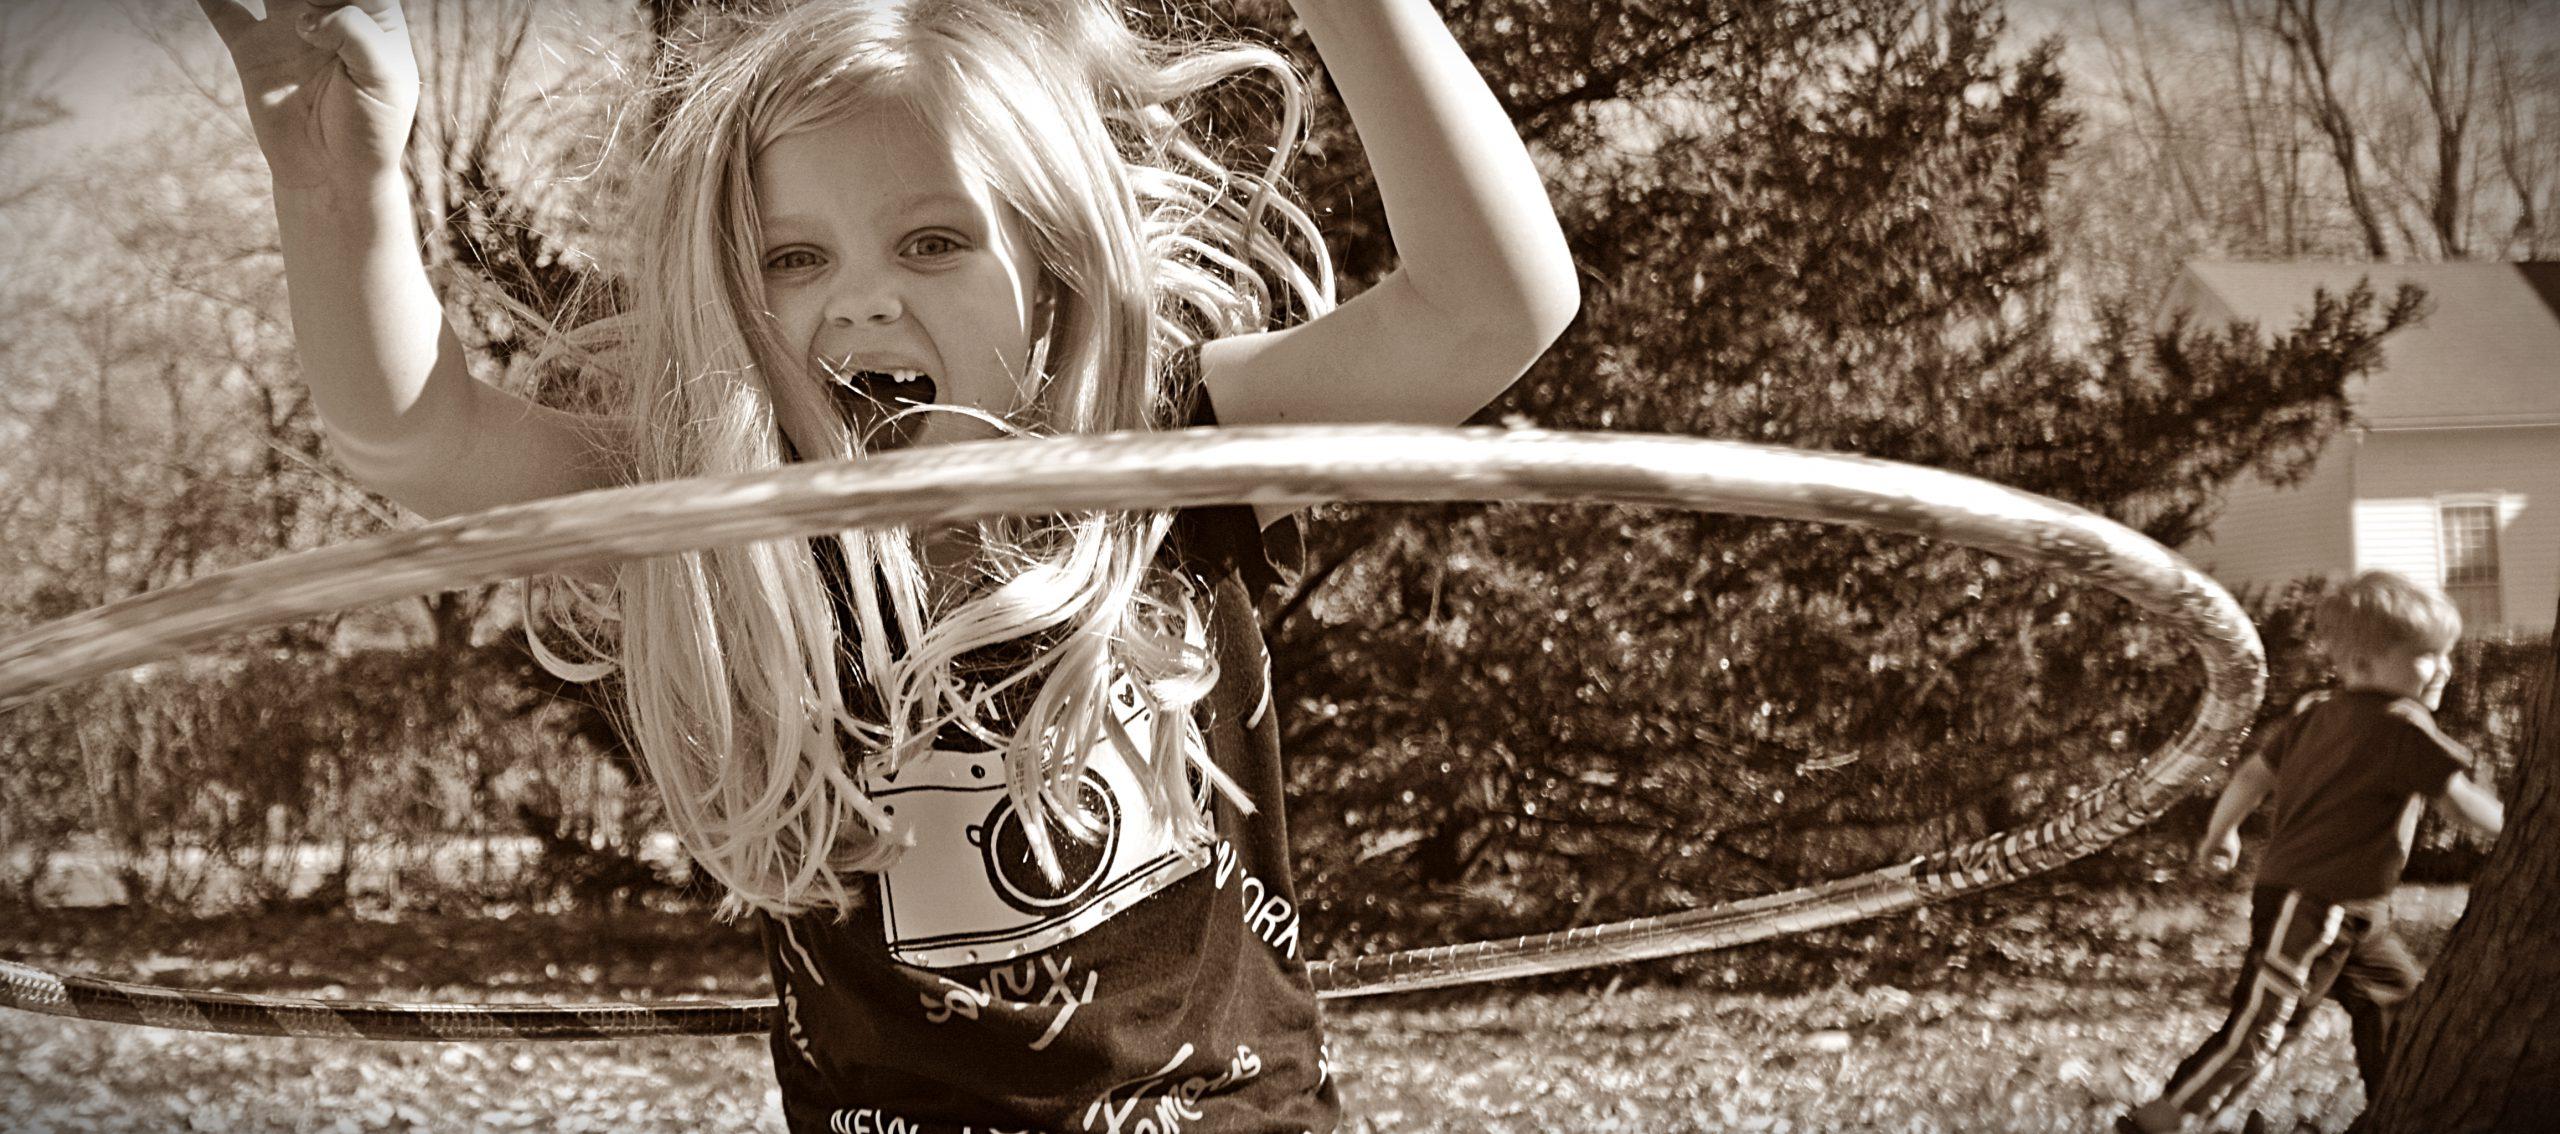 Hula hop dla dorosłych?